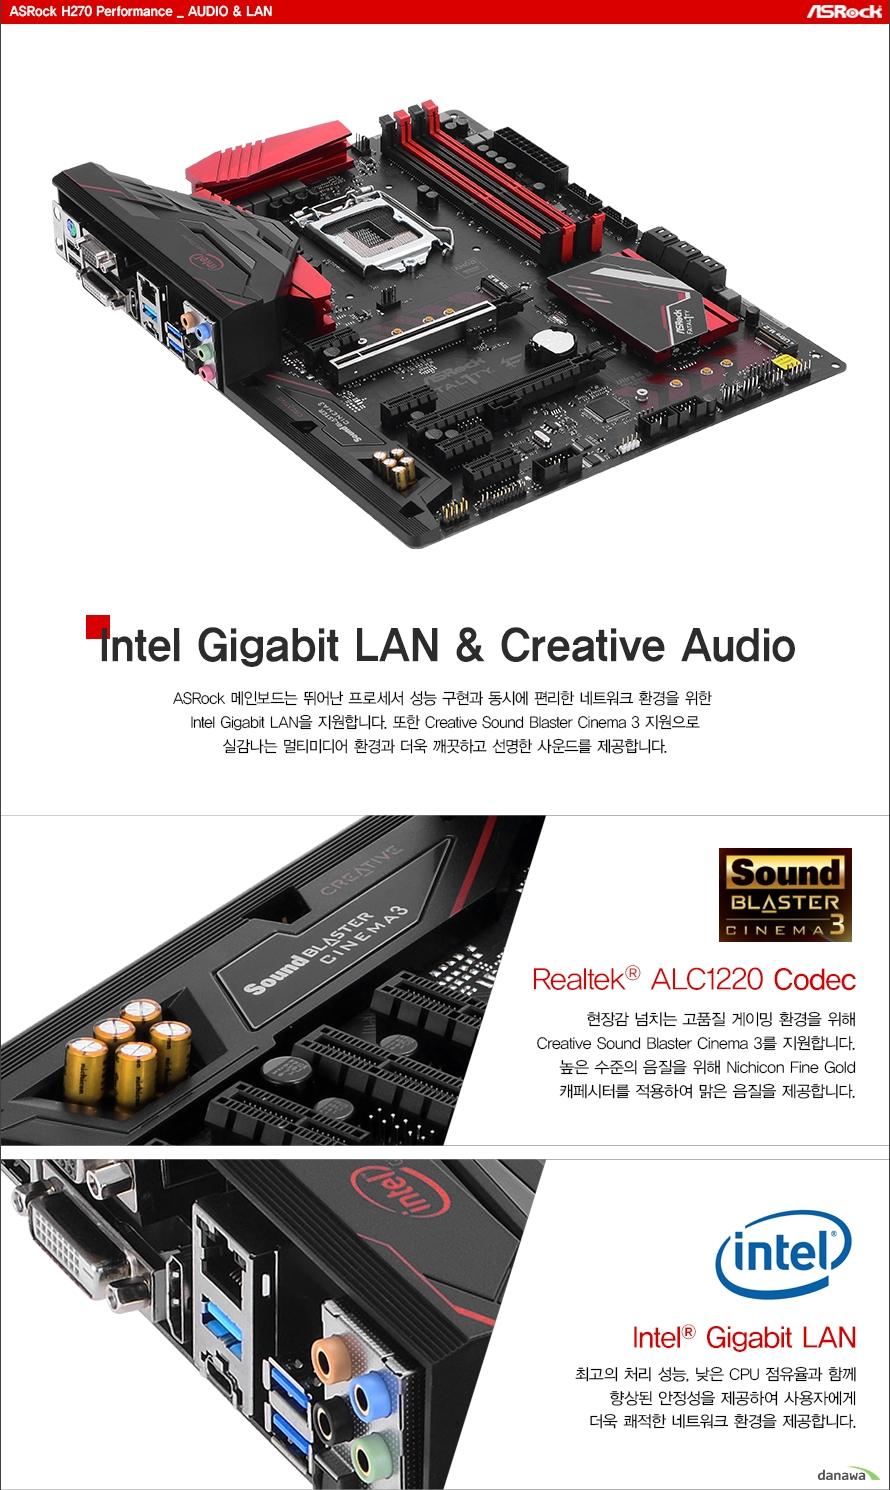 오디오 랜Intel Gigabit LAN & 7.1ch HD AudioASRock 메인보드는 뛰어난 프로세서 성능 구현과 동시에 편리한 네트워크 환경을 위한 Intel Gigabit LAN을 지원합니다. 또한 Creative Sound Blaster Cinema 3 지원으로실감나는 멀티미디어 환경과 더욱 깨끗하고 선명한 사운드를 제공합니다.Realtek ALC1220 Codec현장감 넘치는 고품질 게이밍 환경을 위해Creative Sound Blaster Cinema 3를 지원합니다.높은 수준의 음질을 위해 Nichicon Fine Gold캐페시터를 적용하여 맑은 음질을 제공합니다.Intel Gigabit LAN최고의 처리 성능, 낮은 CPU 점유율과 함께향상된 안정성을 제공하여 사용자에게더욱 쾌적한 네트워크 환경을 제공합니다.